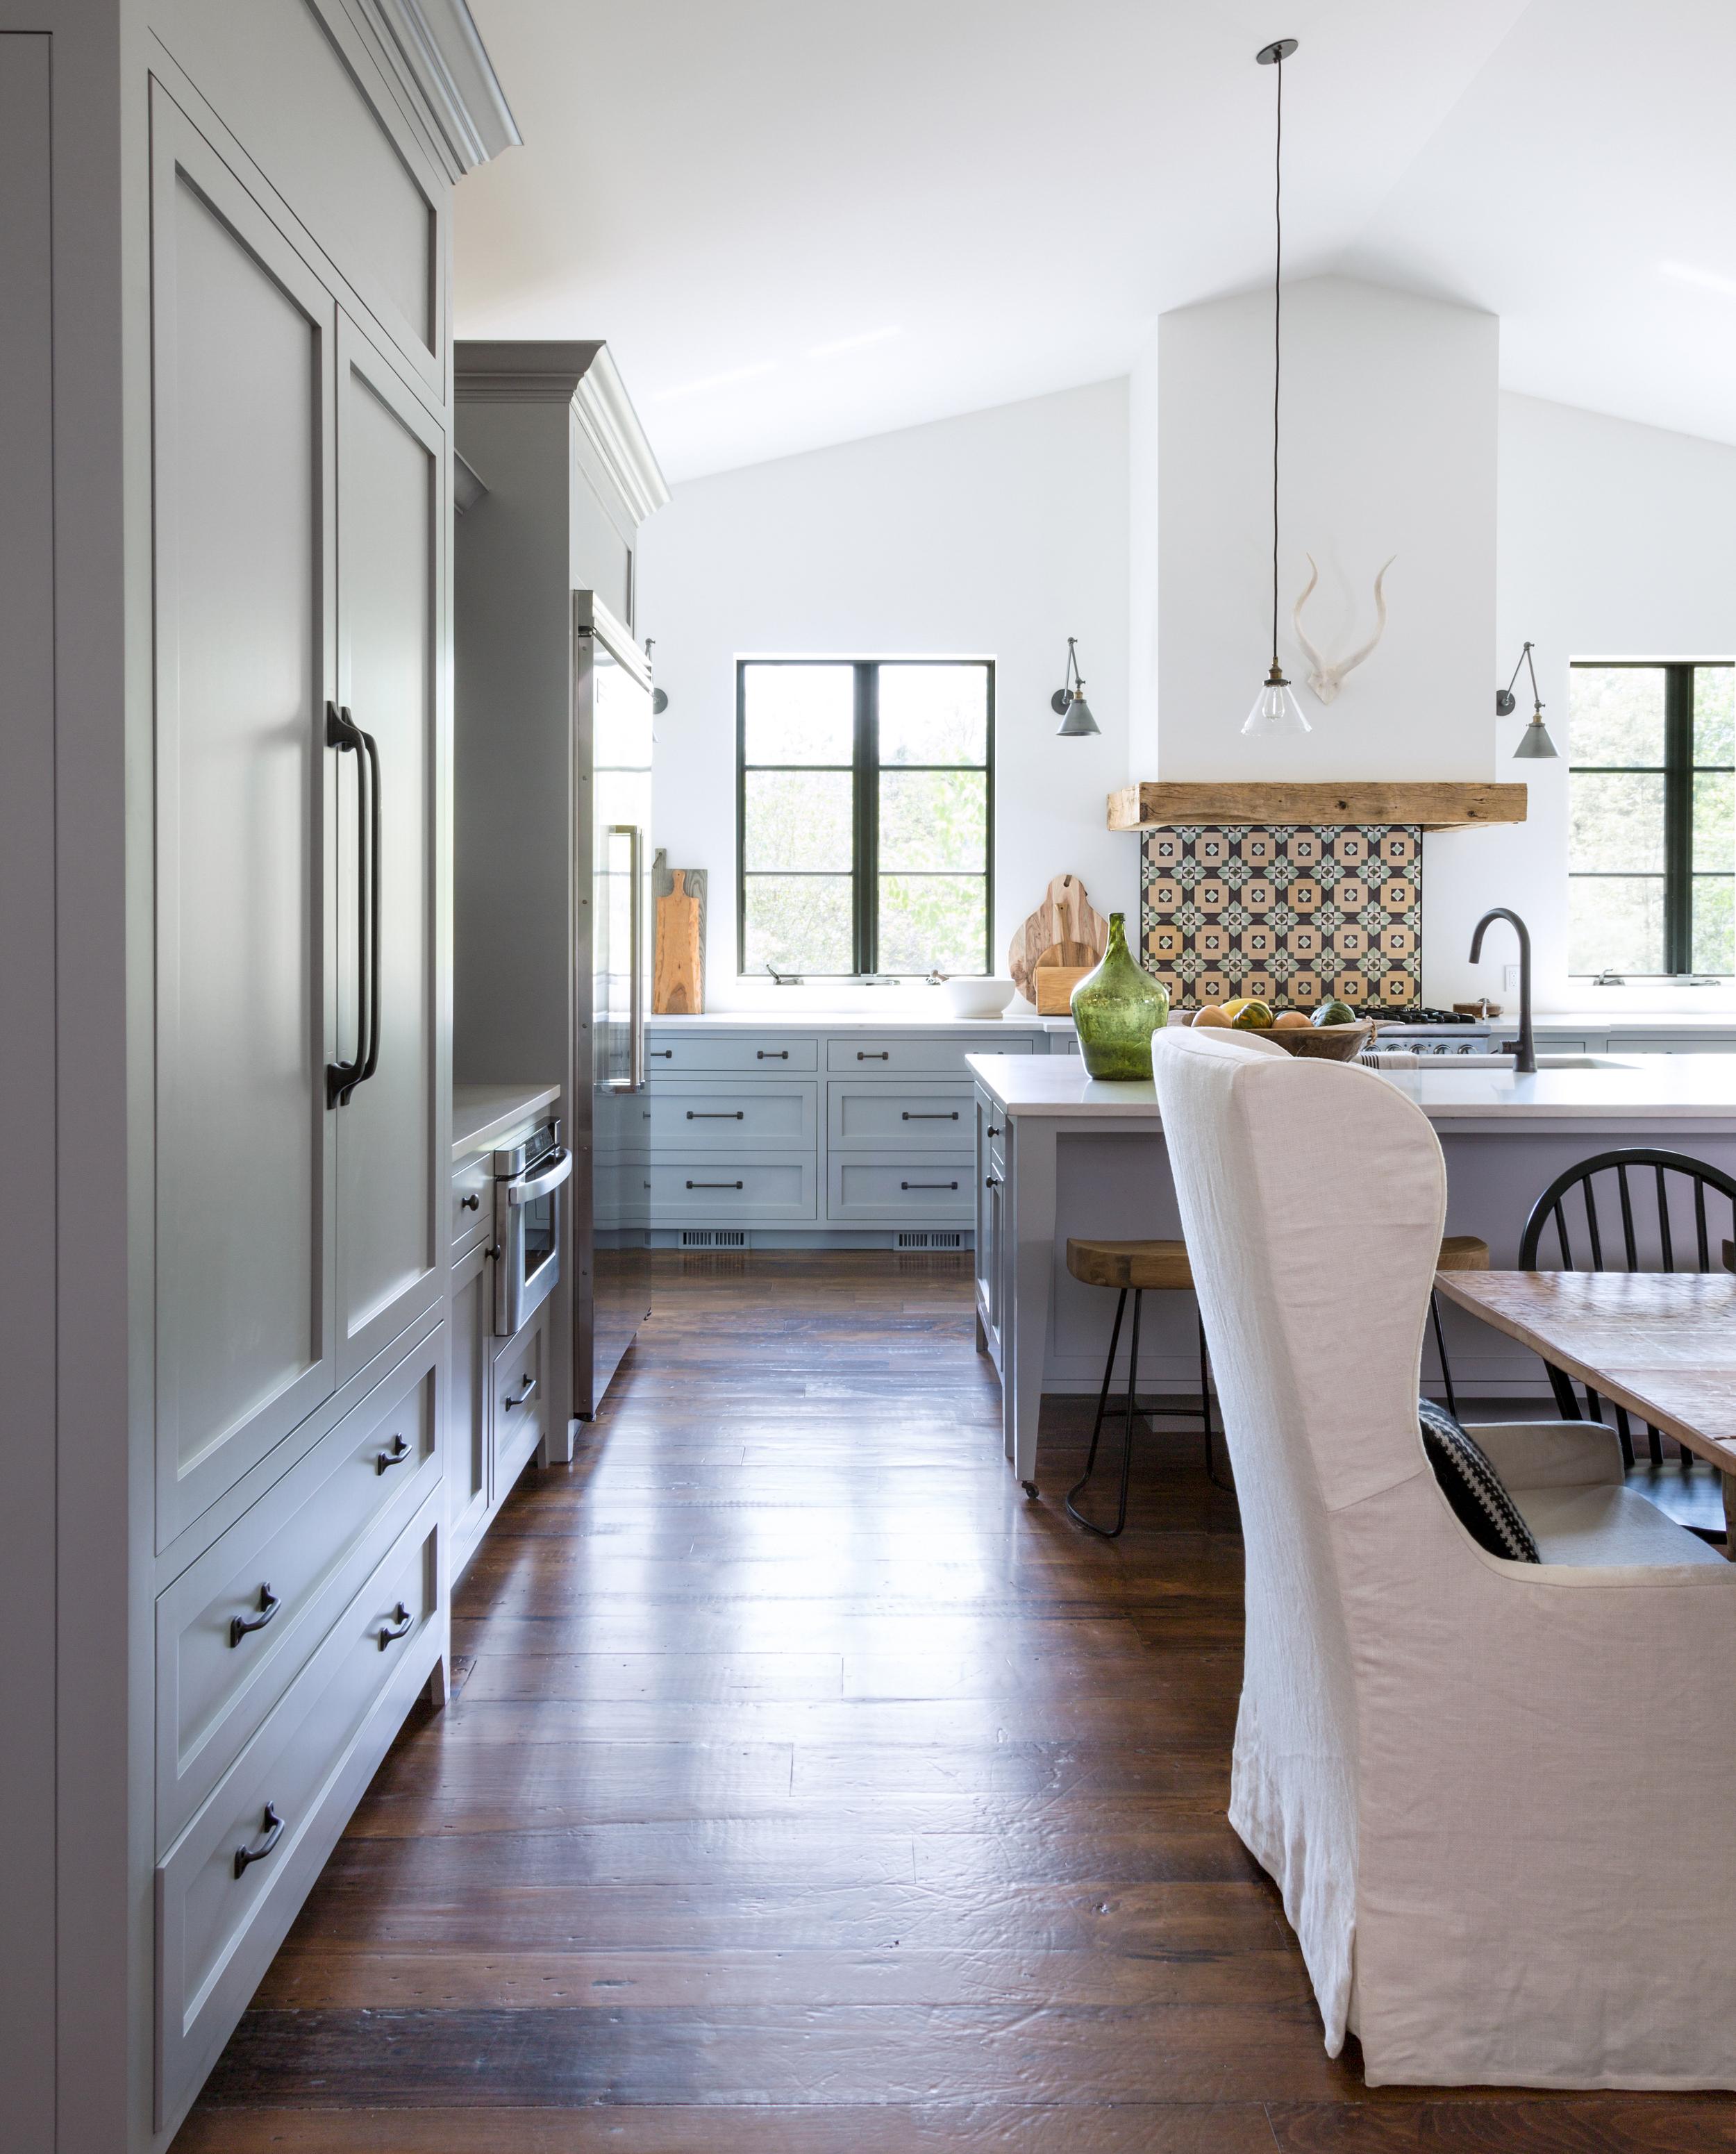 Dundas kitchen cropped.jpg